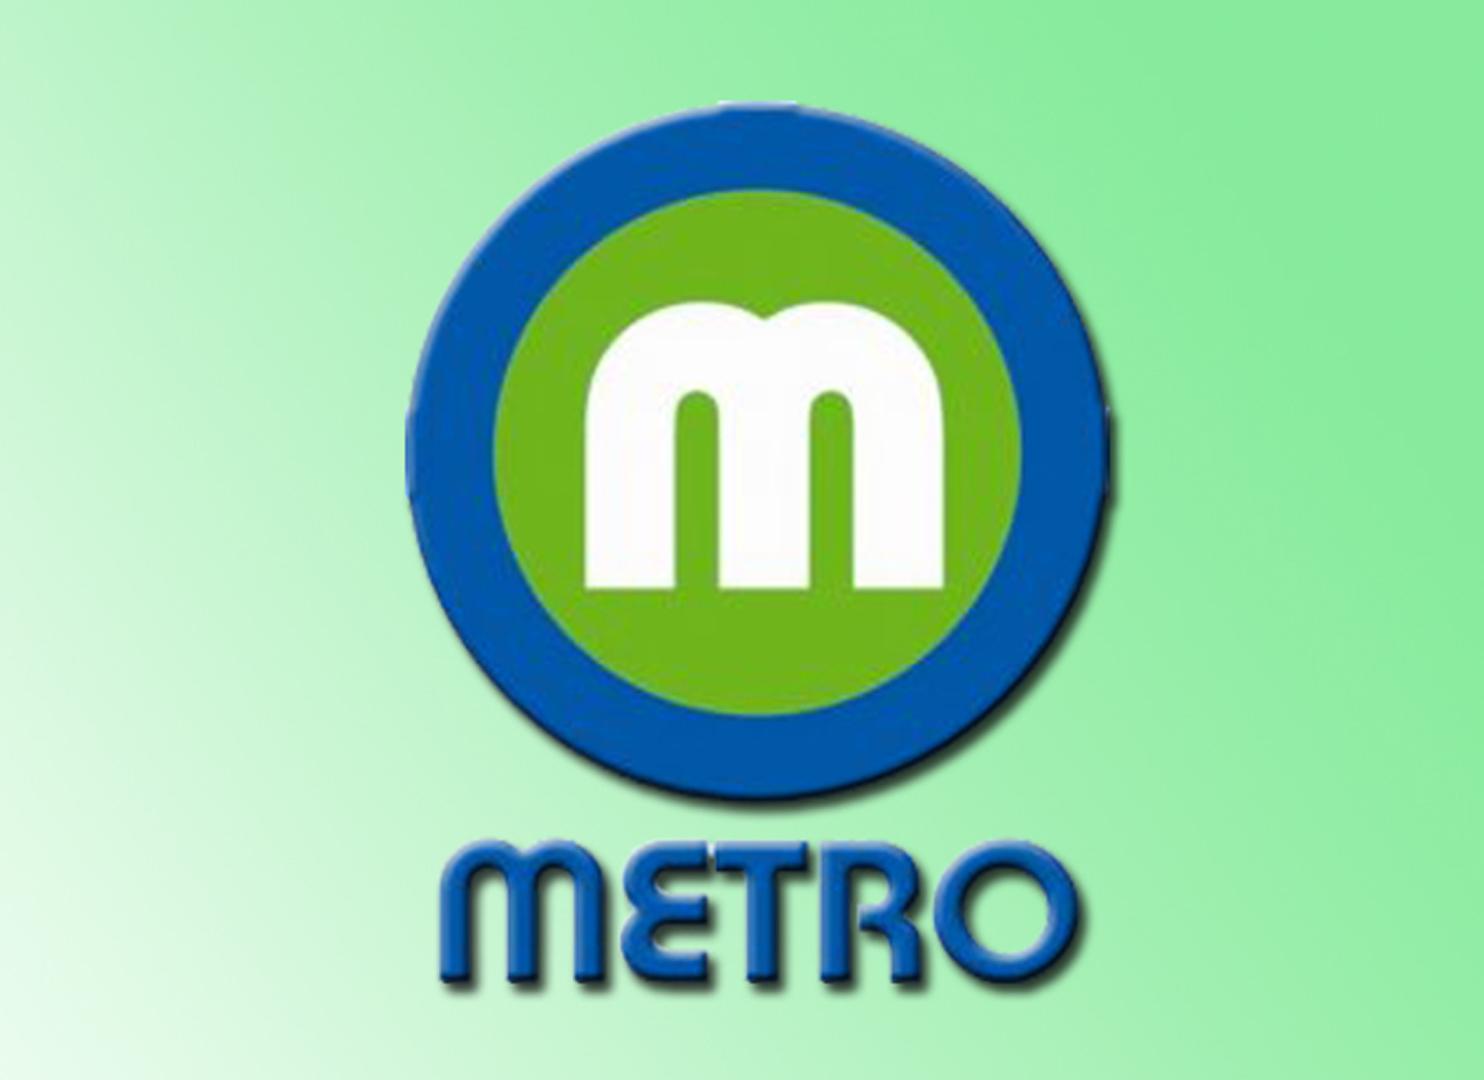 MetroLink_1464054651321.jpg